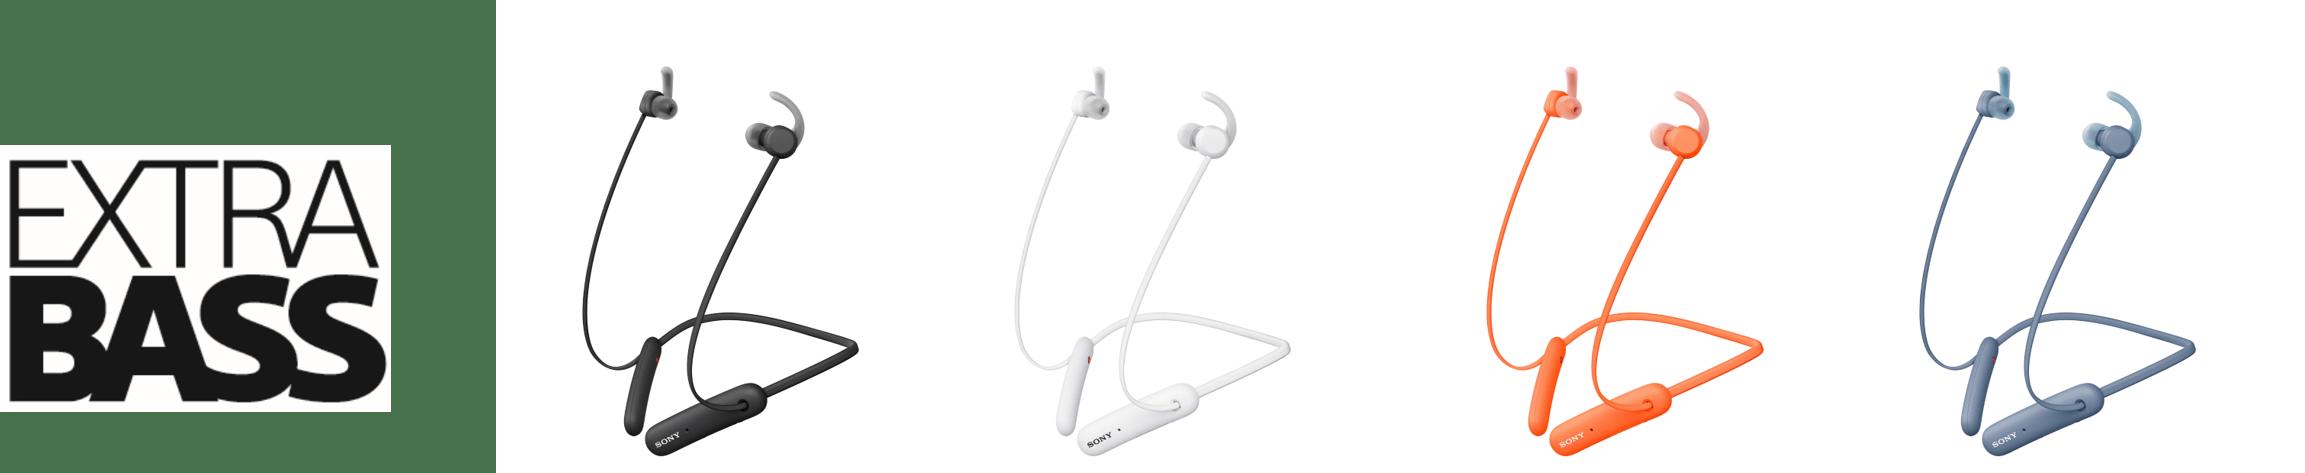 5) WI-SP510專為運動設計的高規格IPX5的防水係數,並承襲EXTRA BASS系列重低音特色,運動過程中聆聽音樂更為享受並提升表現。